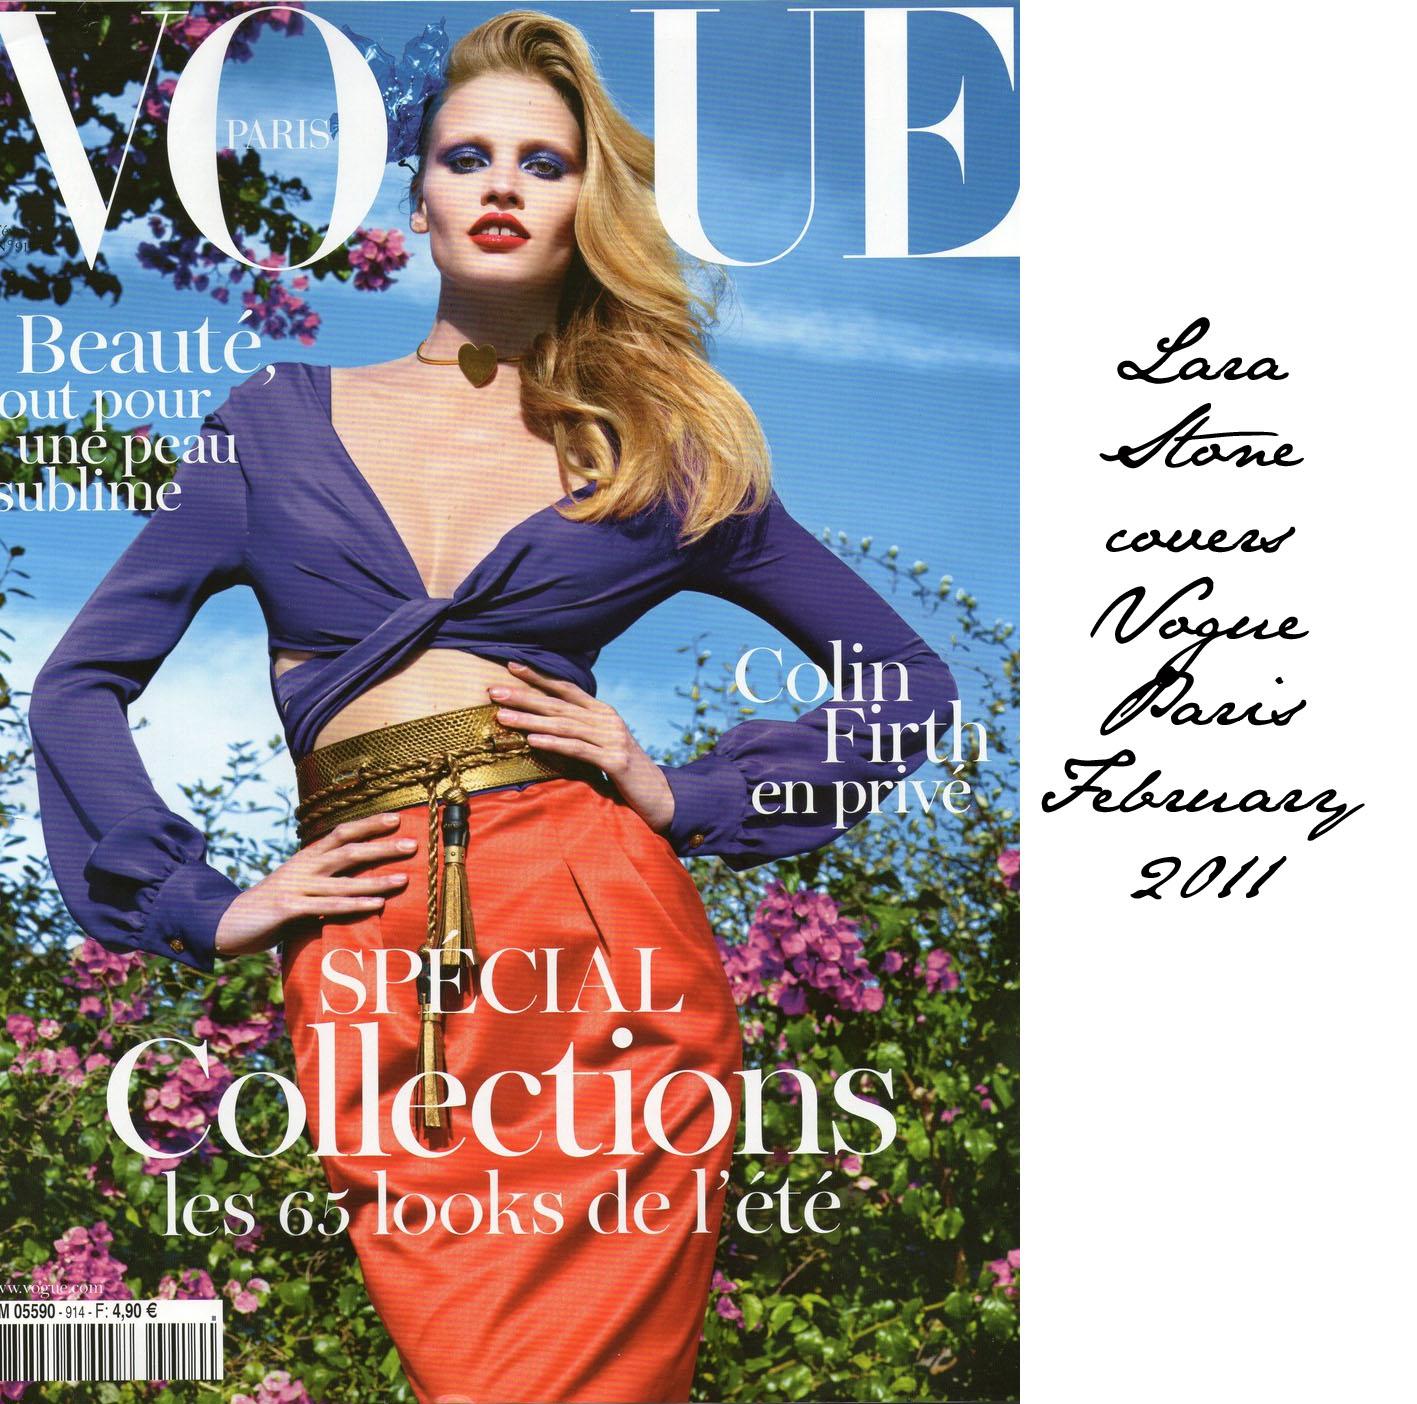 http://1.bp.blogspot.com/_NuQ1asHchXU/TTQ9dwfrIlI/AAAAAAAAPpg/DUdOmWbcIvU/s1600/Vogue+paris.jpg